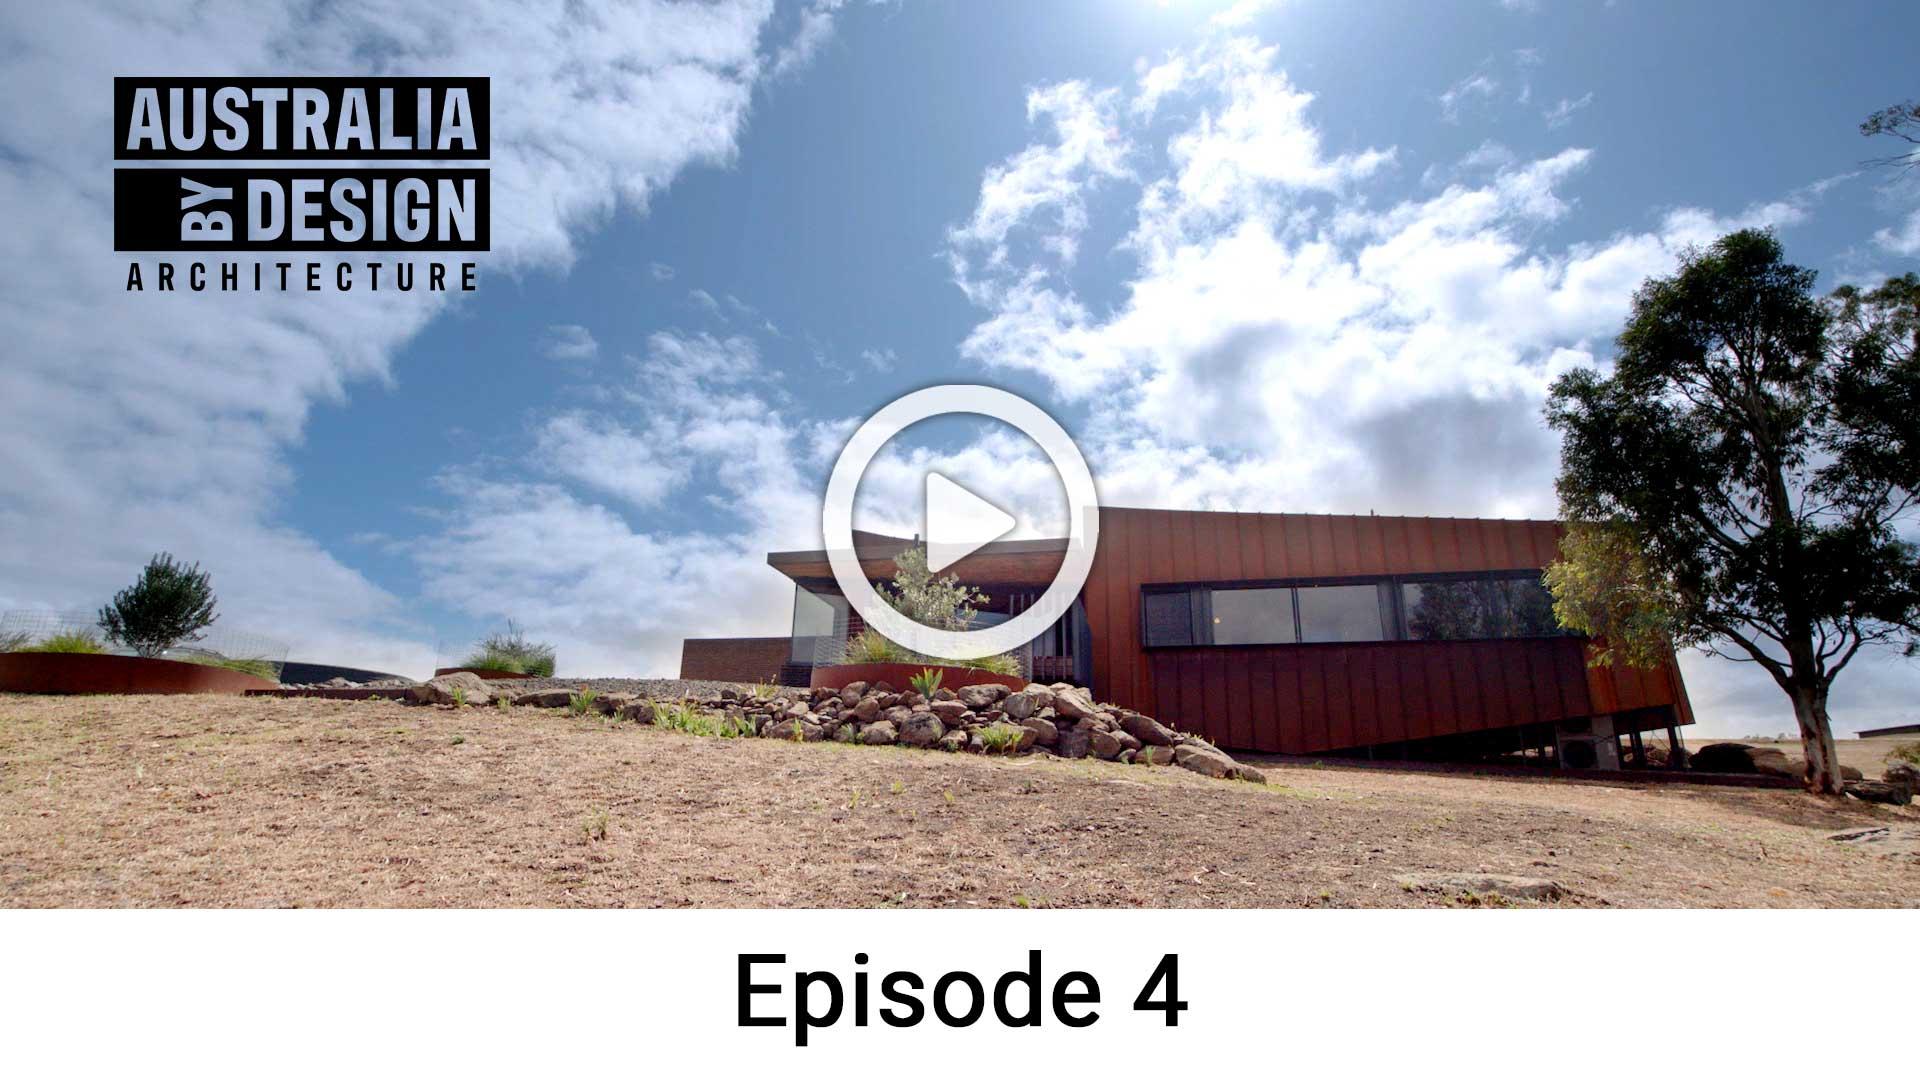 Australia Architecture S4 E4